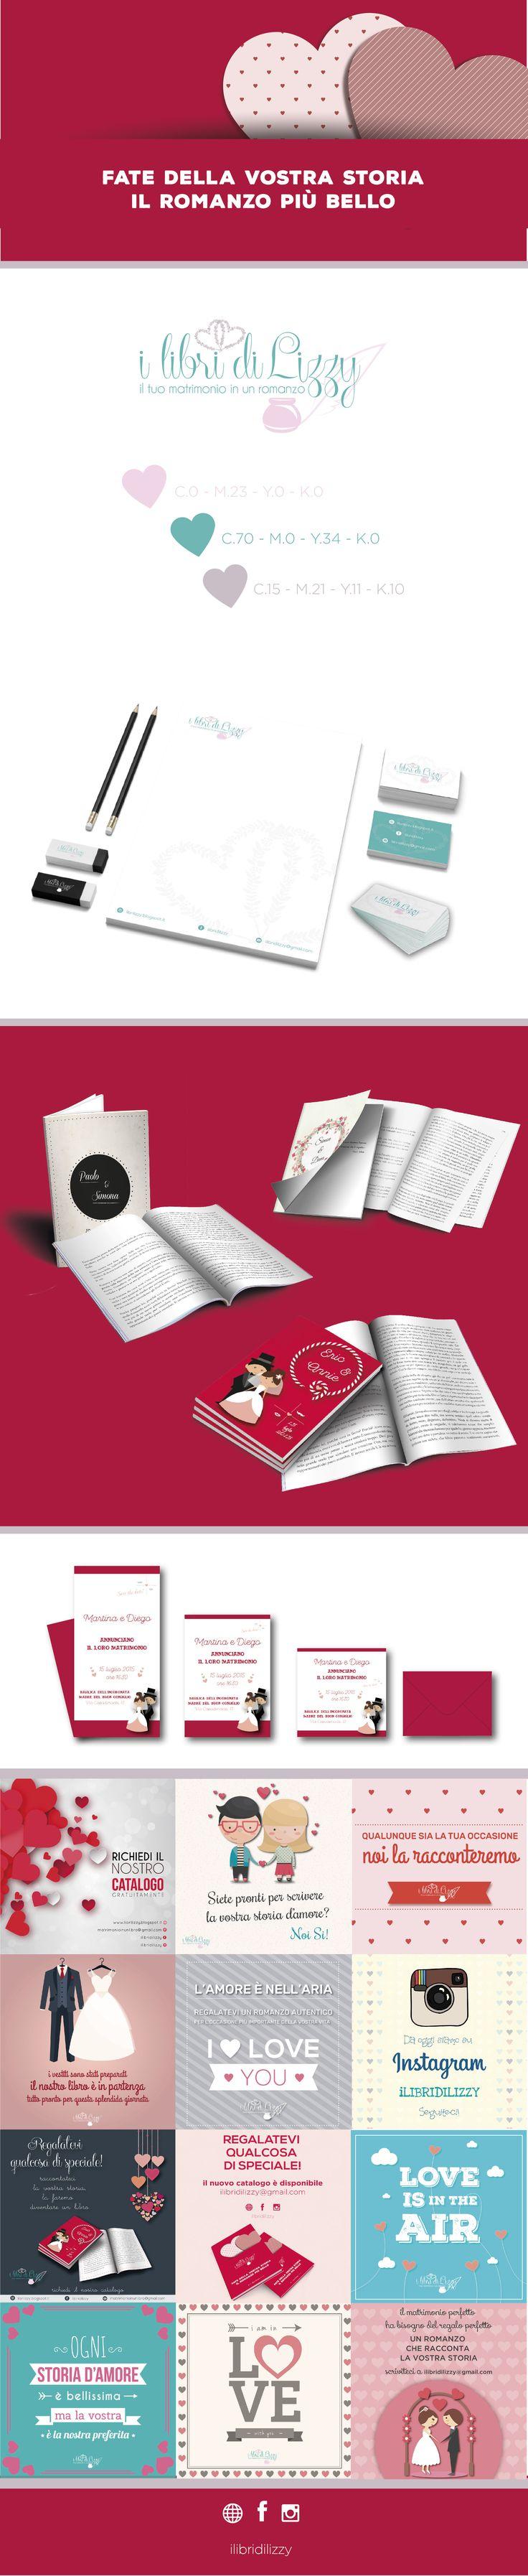 ilibridiLizzy è un servizio per gli sposi che prevede l'elaborazione di un romanzo che racconta la storia d'amore dei protagonisti.   Creazione grafica della copertina del libro romanzo/libro bomboniera con impaginazione del testo/immagini.  Creazione della grafica per partecipazioni coordinate,  per brochure pubblicitarie, per catalogo prodotti e comunicazione social (facebook - instagram)